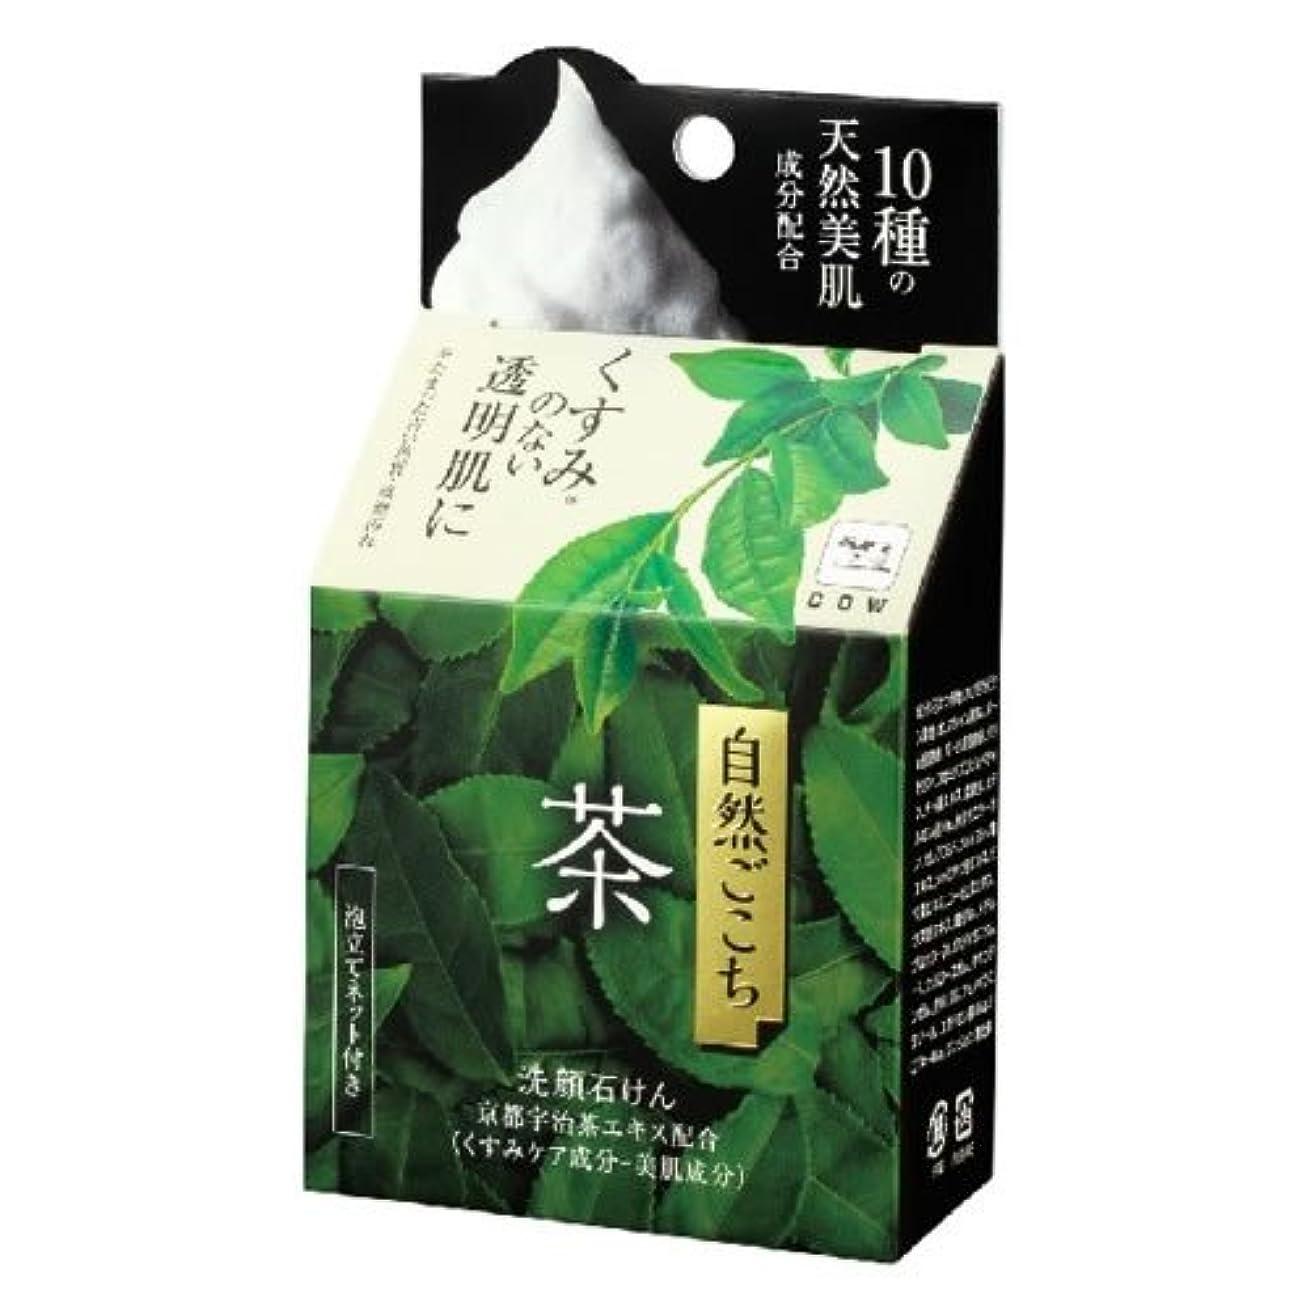 クーポンセメント鉛筆牛乳石鹸共進社 自然ごこち 茶 洗顔石けん 80g (お茶エキス配合洗顔せっけん) ×48点セット (4901525002288)